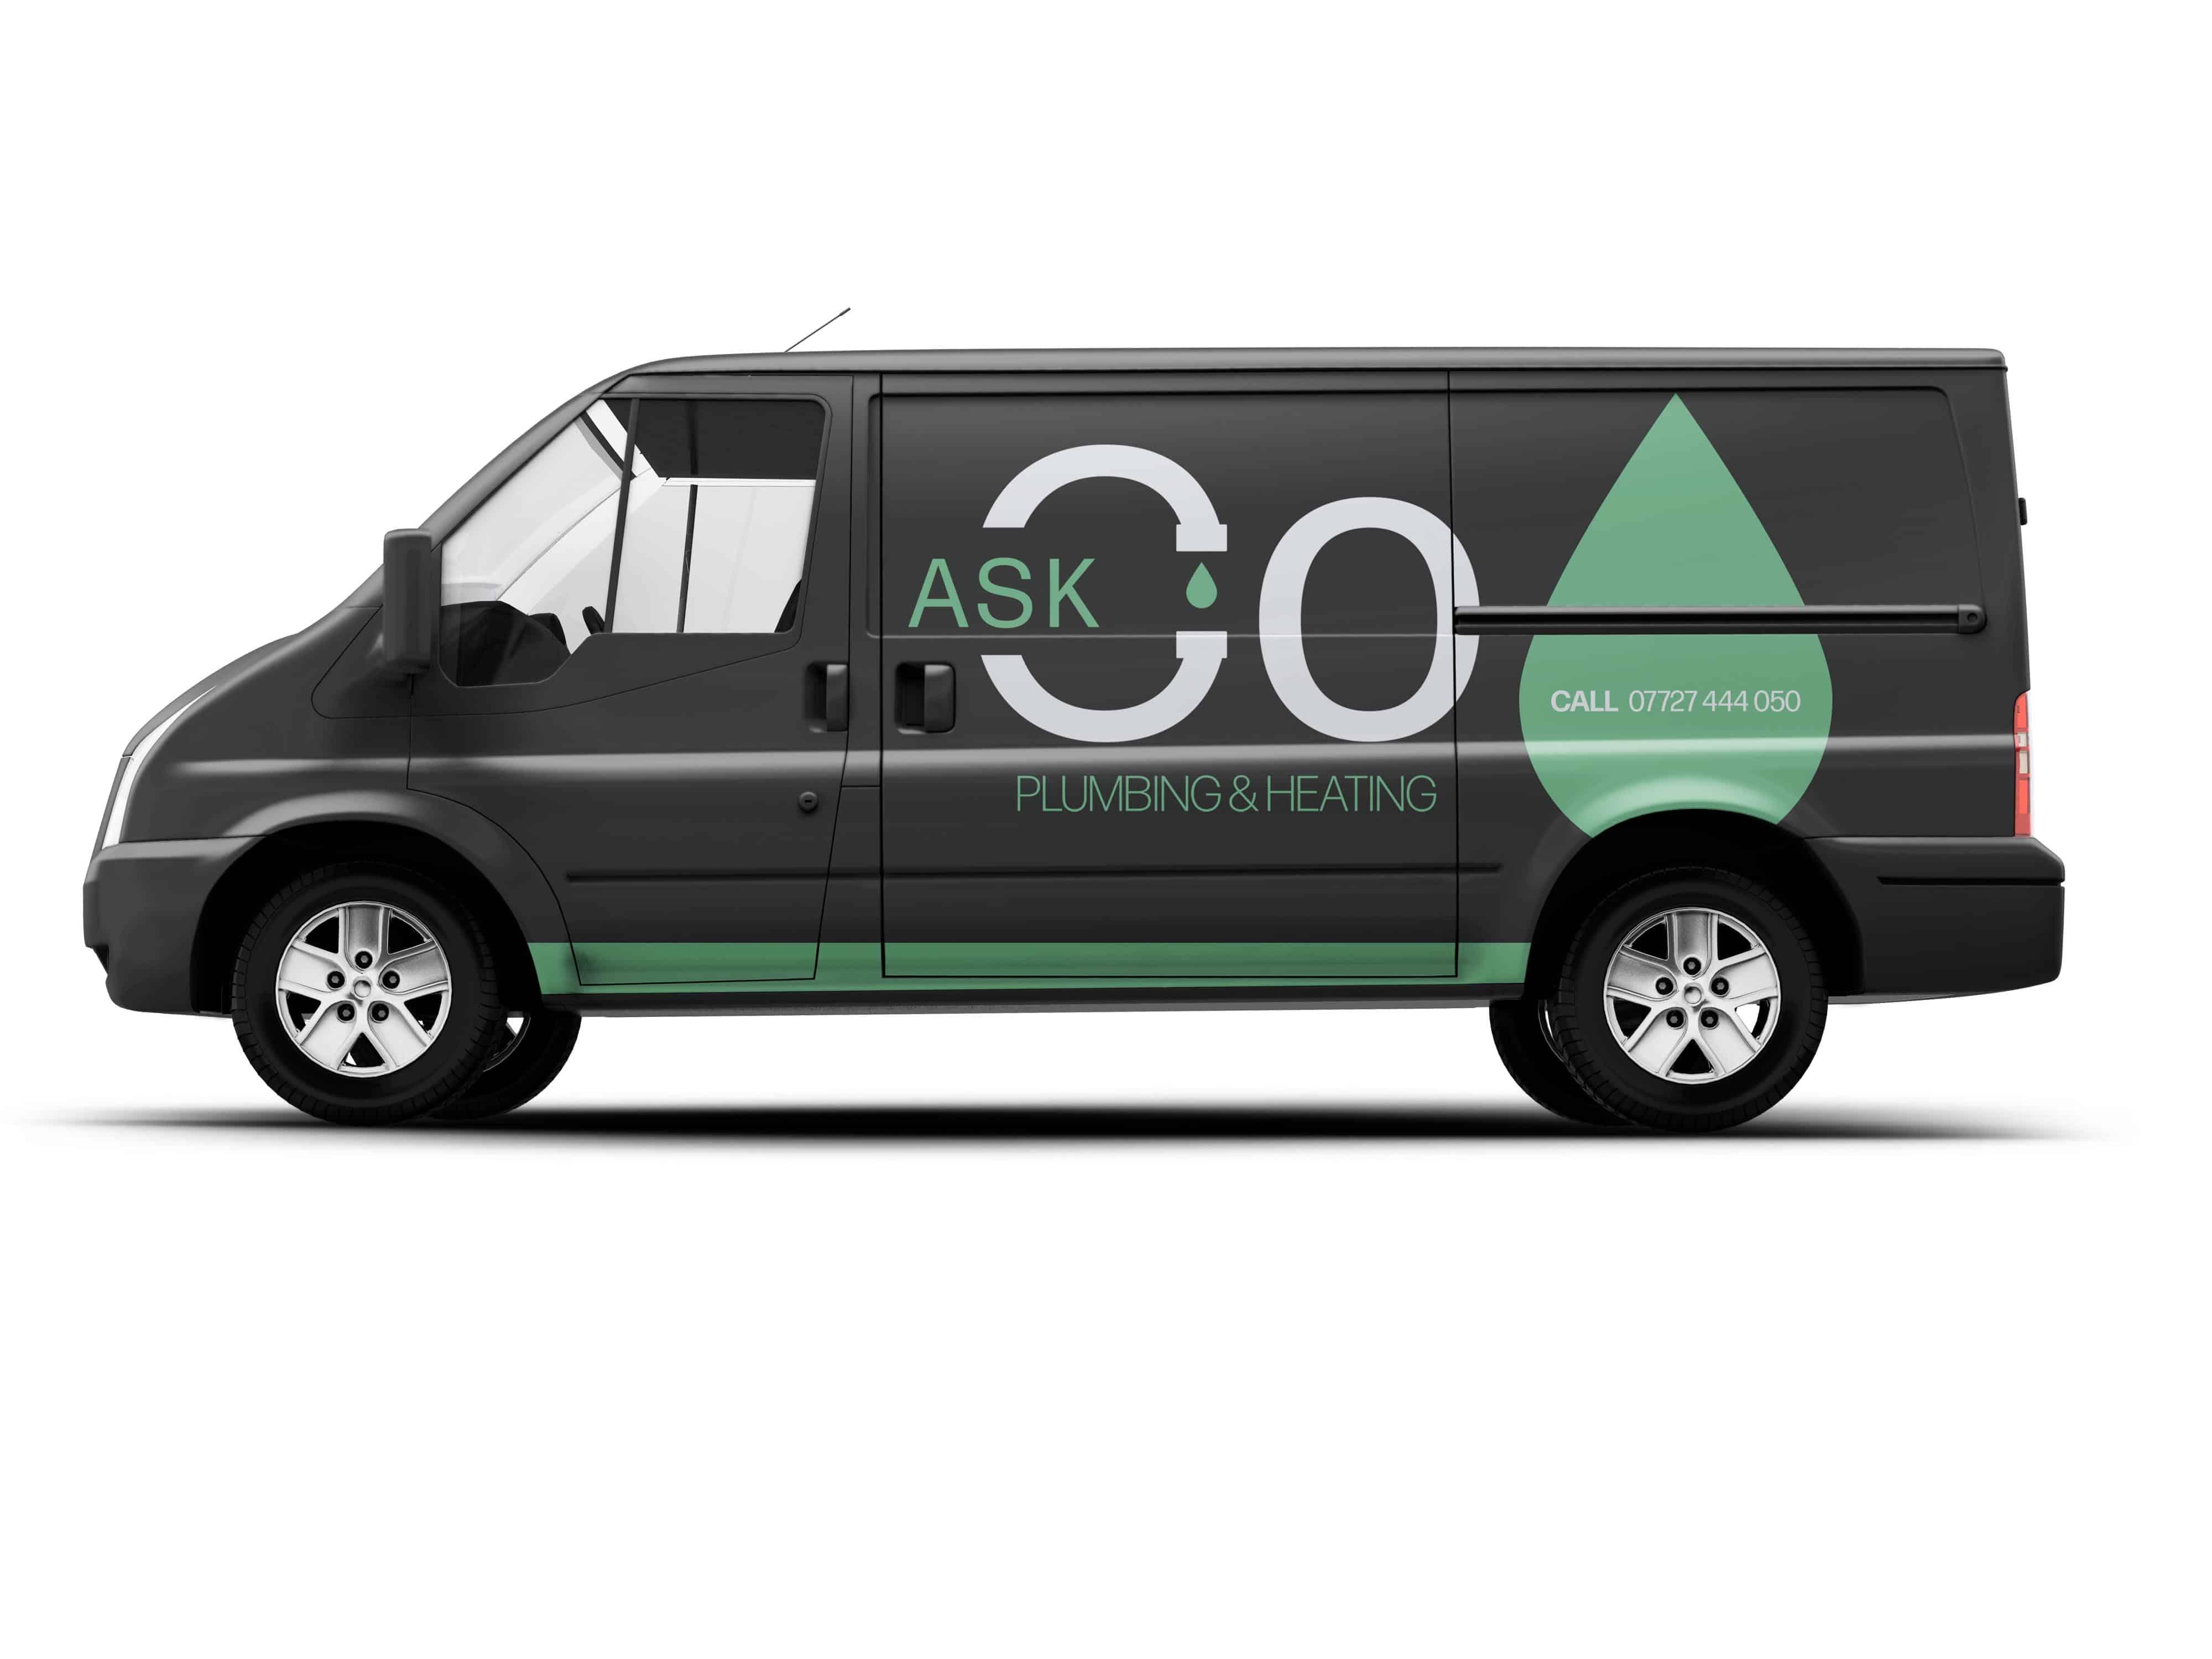 Plumbing & Heating Specialist Van